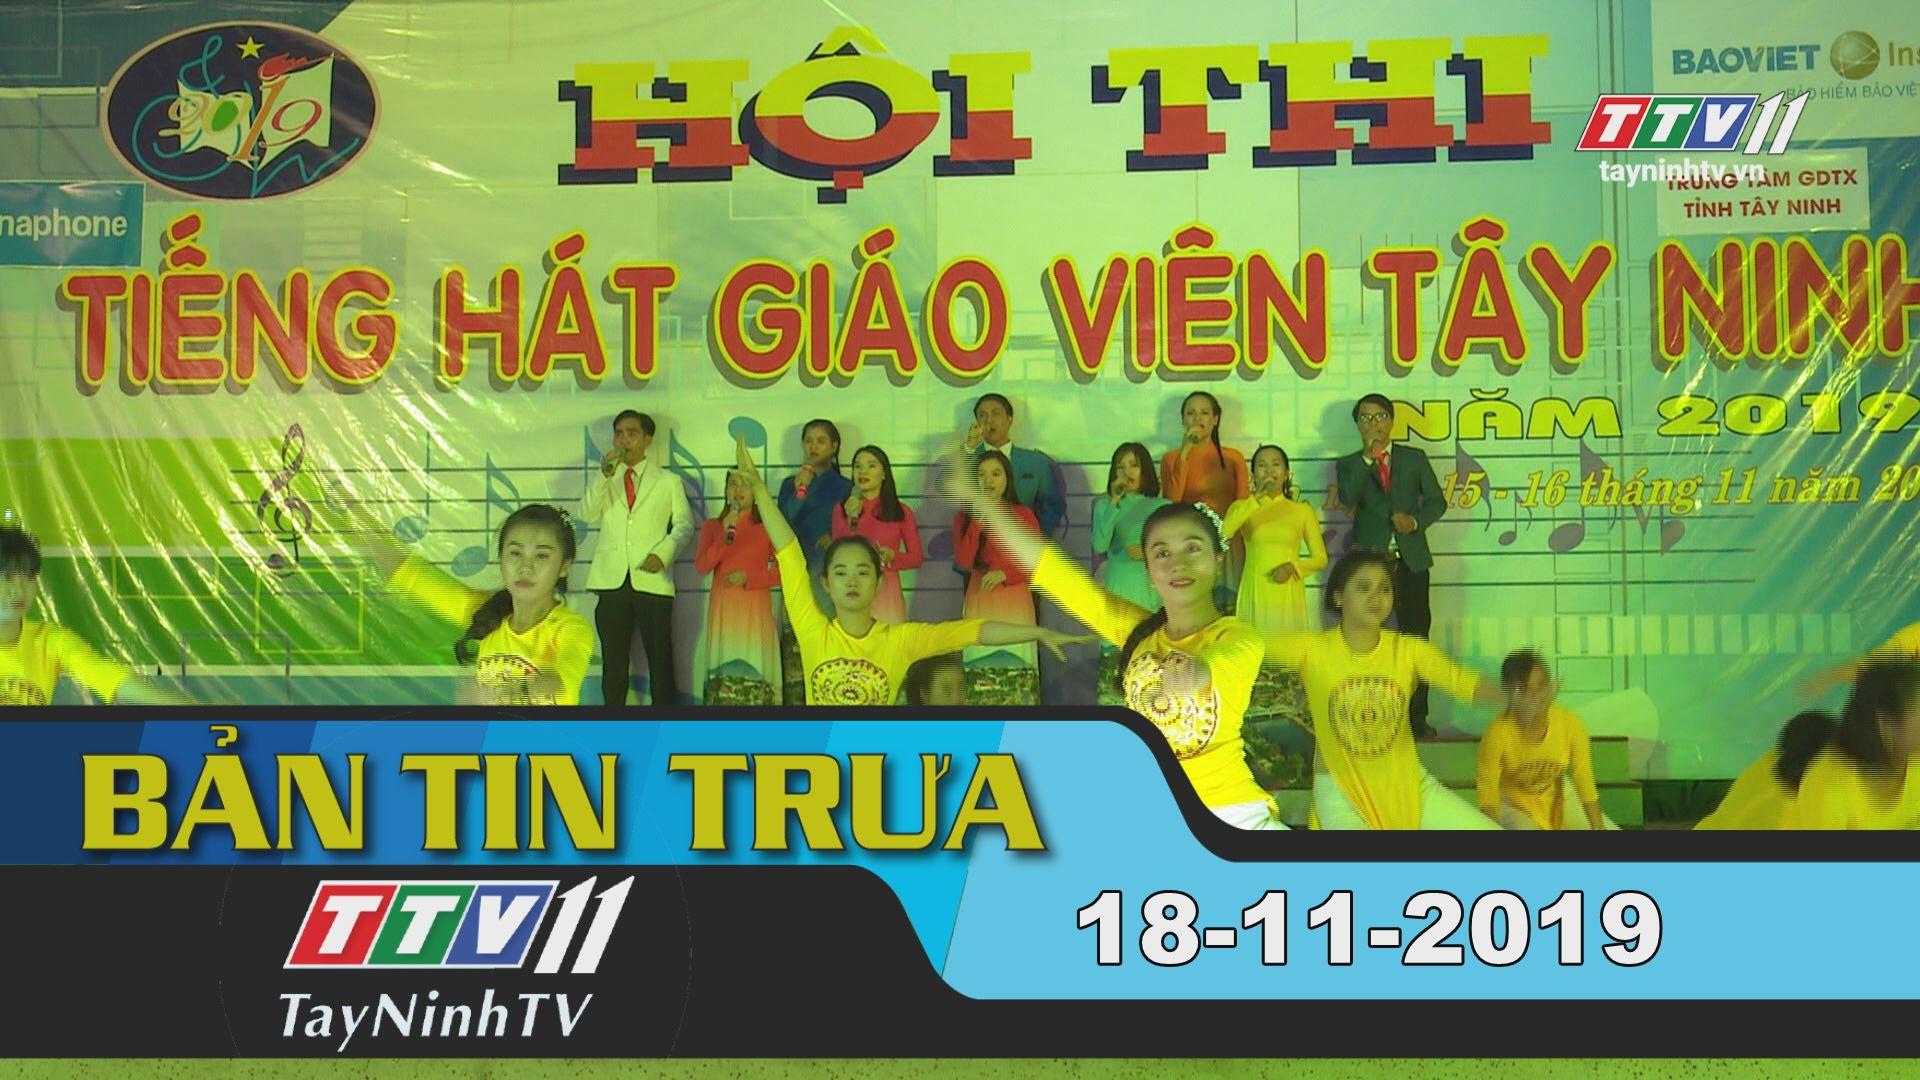 Bản tin trưa 18-11-2019 | Tin tức hôm nay | Tây Ninh TV